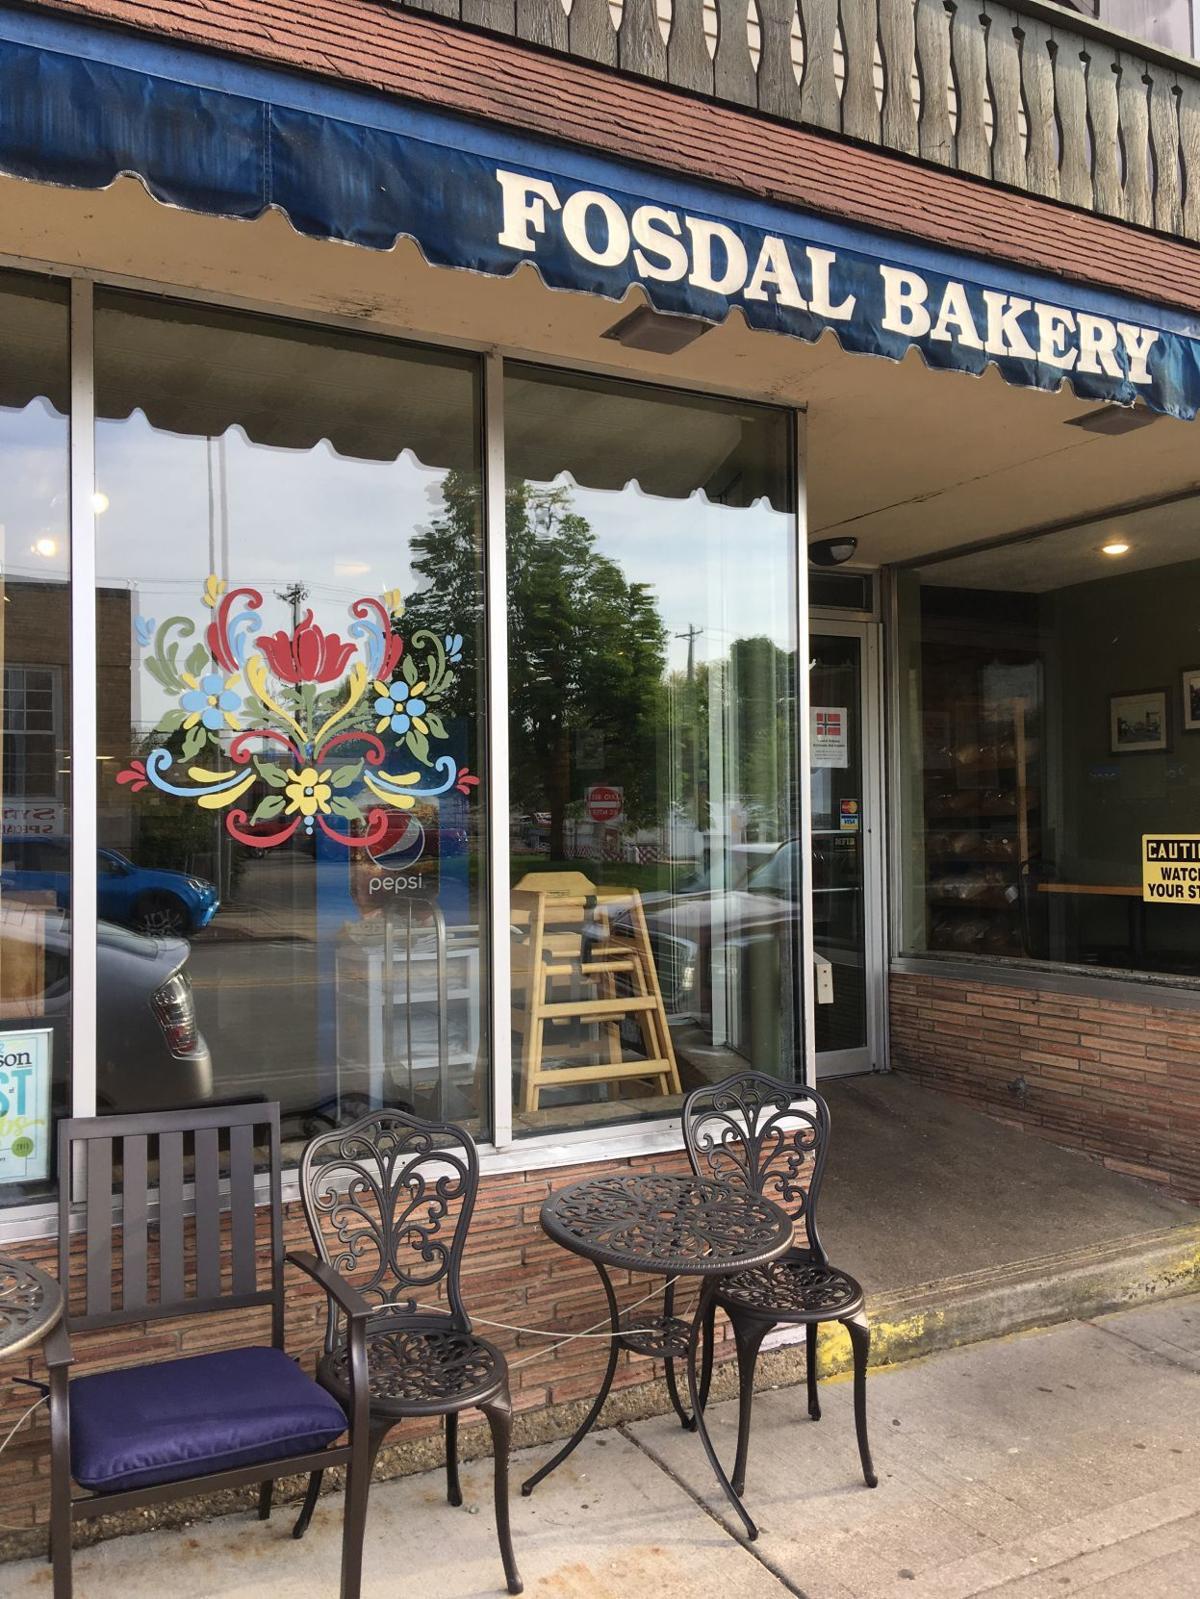 Fosdal's